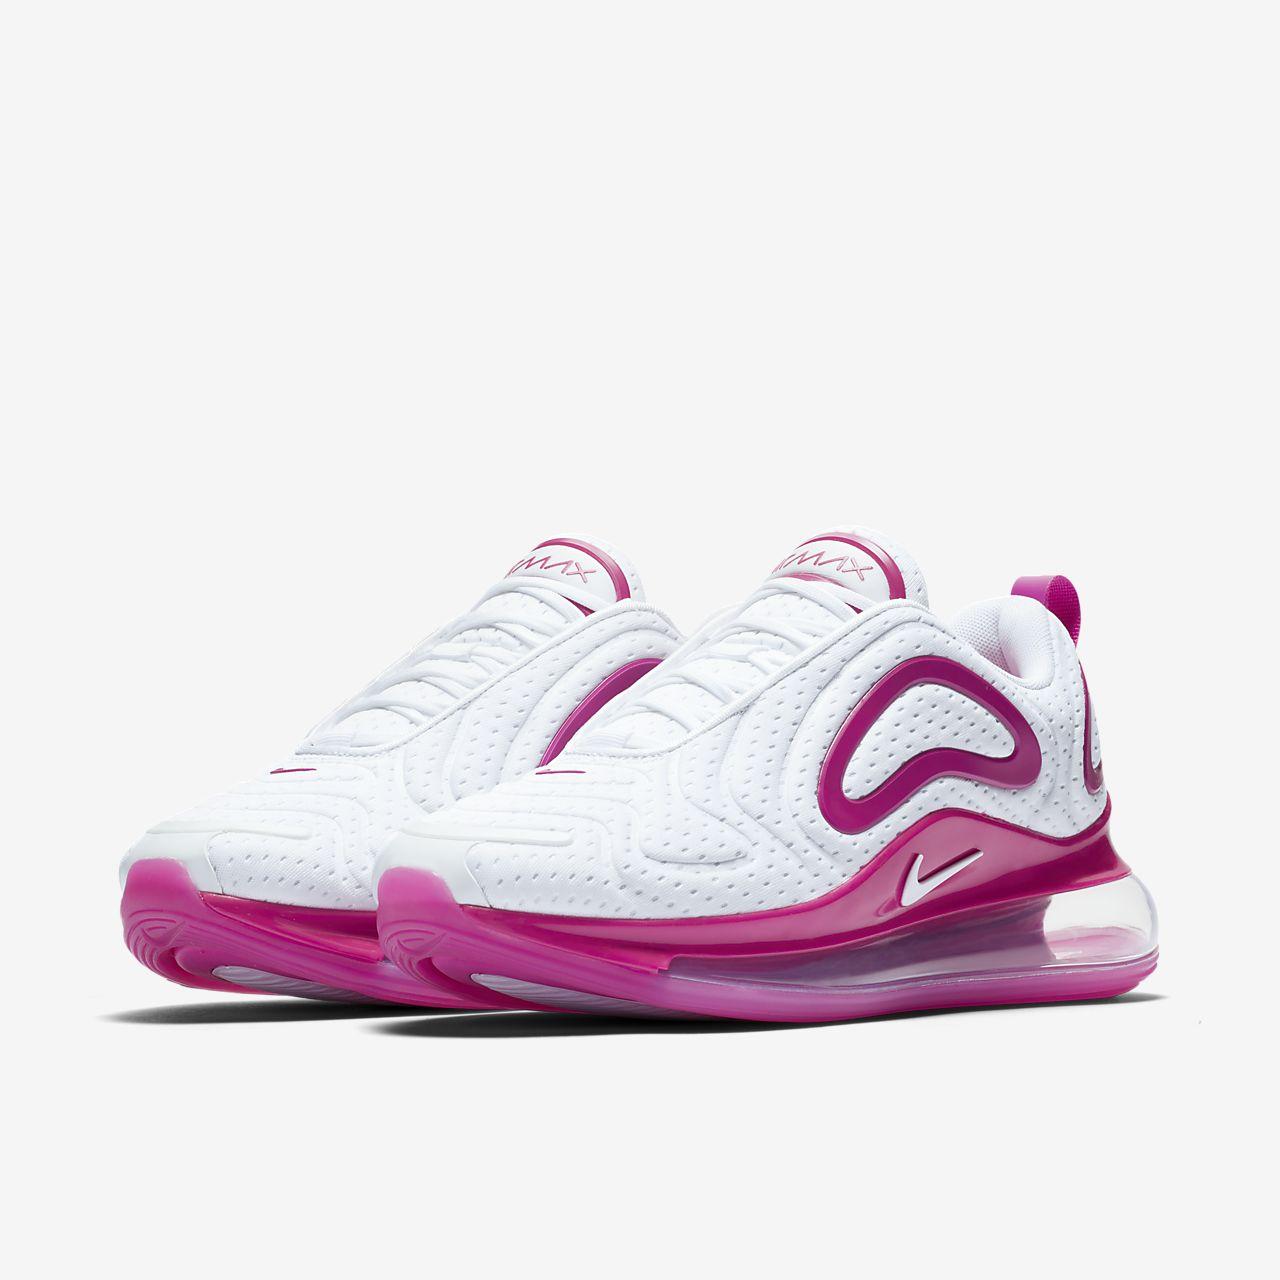 Nike Air Max 720 Women desde 95,47 € | Mayo 2020 | Compara